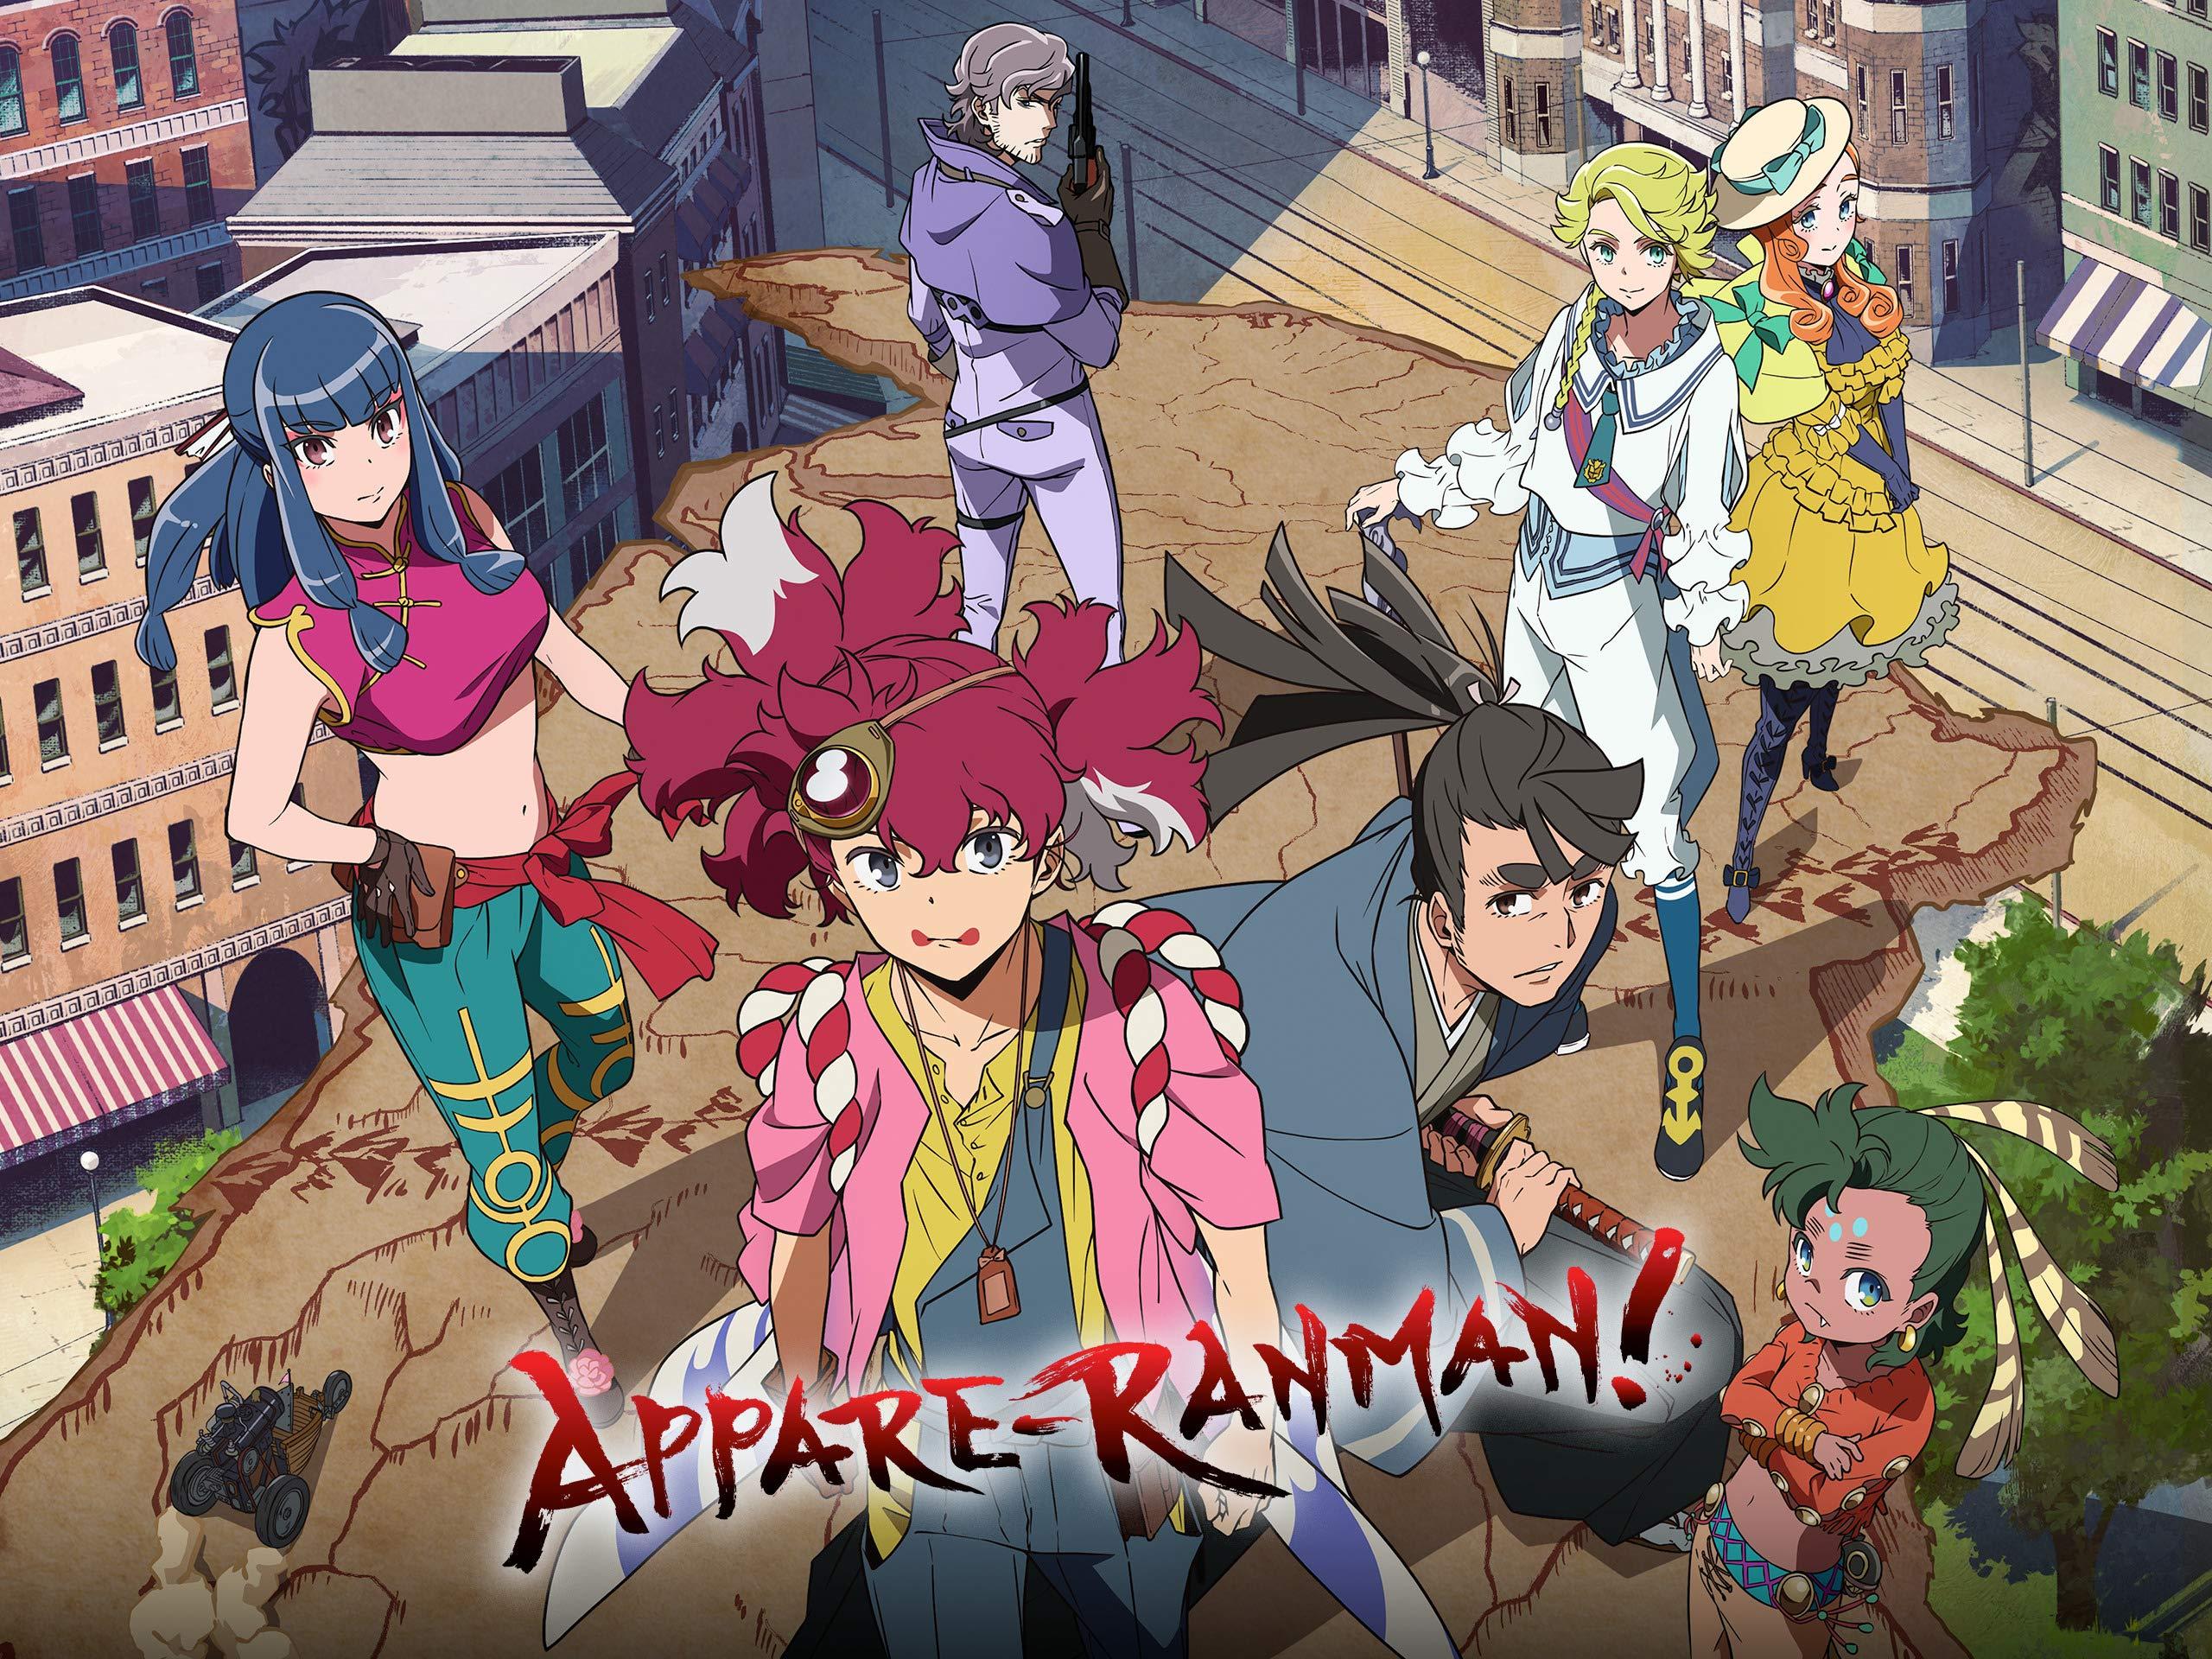 Watch APPARE-RANMAN!